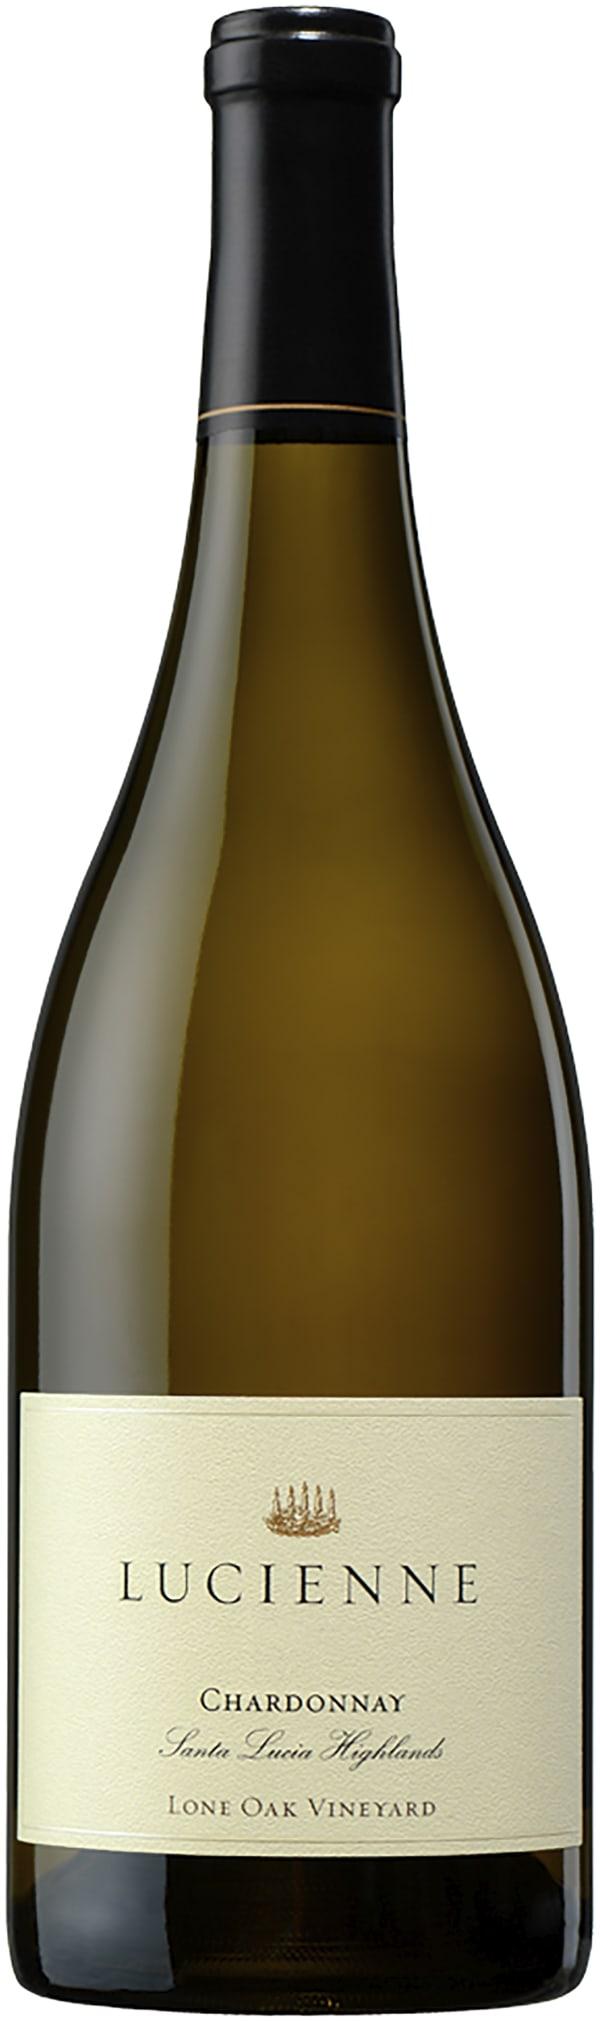 Hahn Estate Lucienne Lone Oak Vineyard Chardonnay 2017